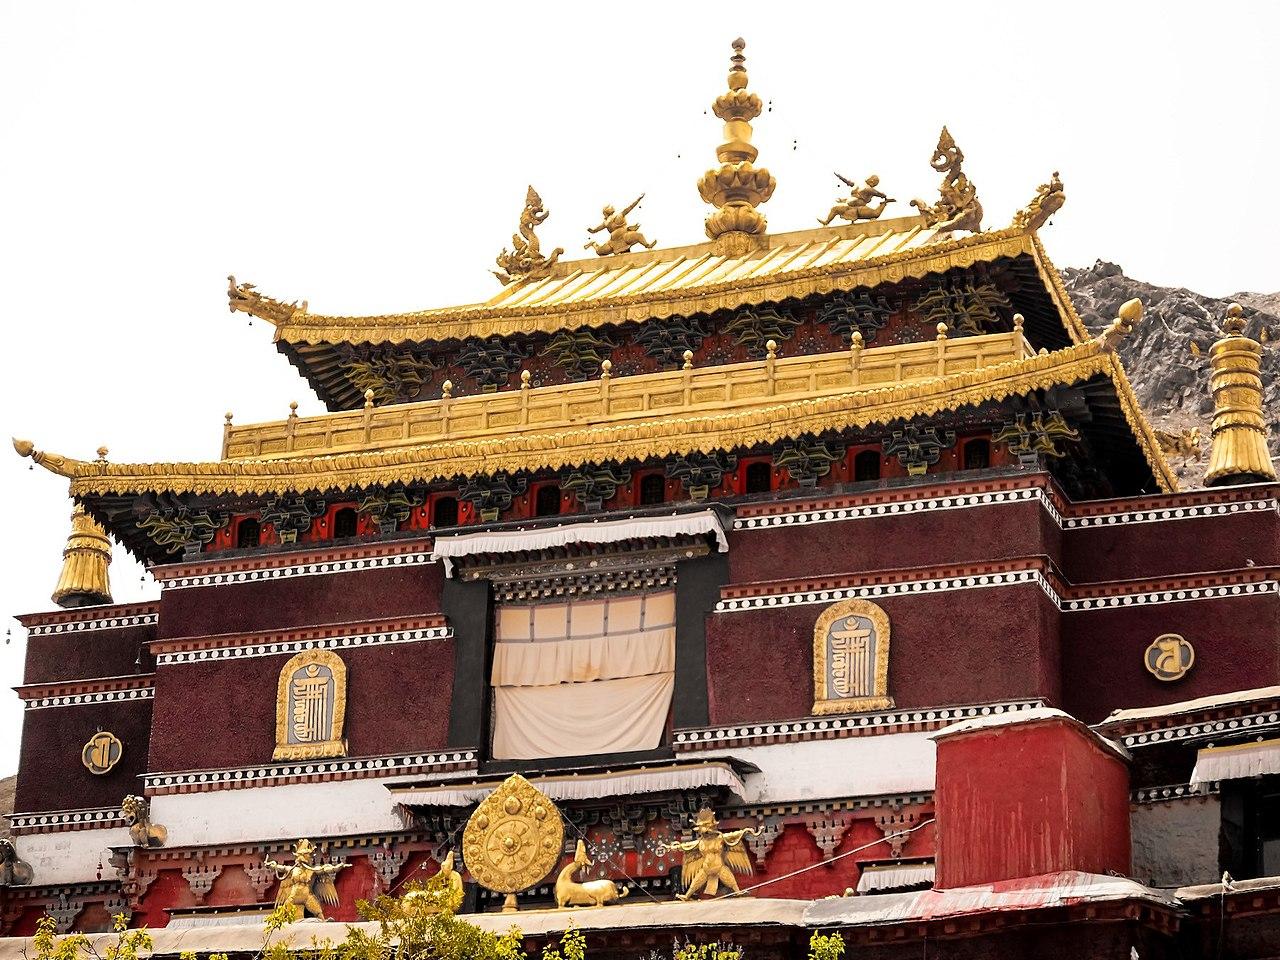 ashi Lhunpo Monastery